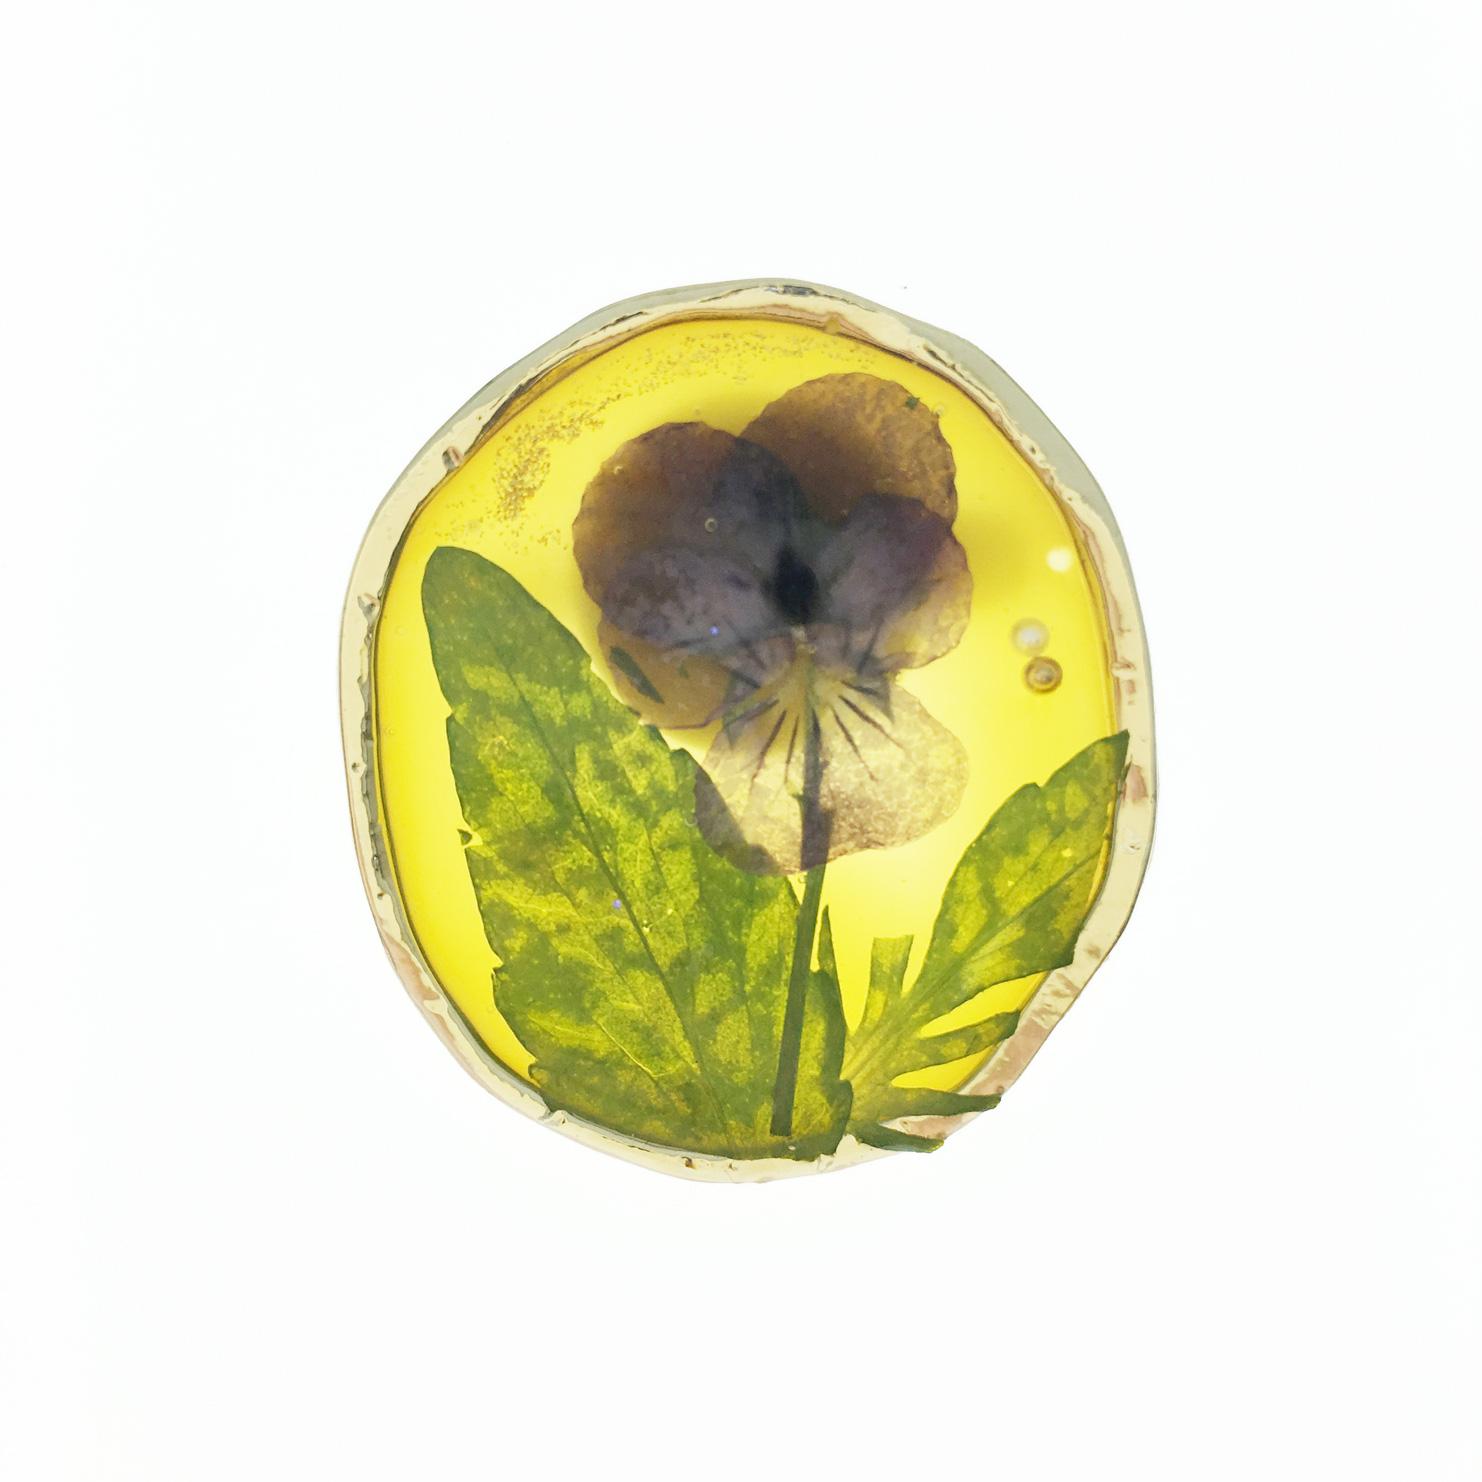 韓國 乾燥花 紫花 黃底 金蔥 胸針 別針